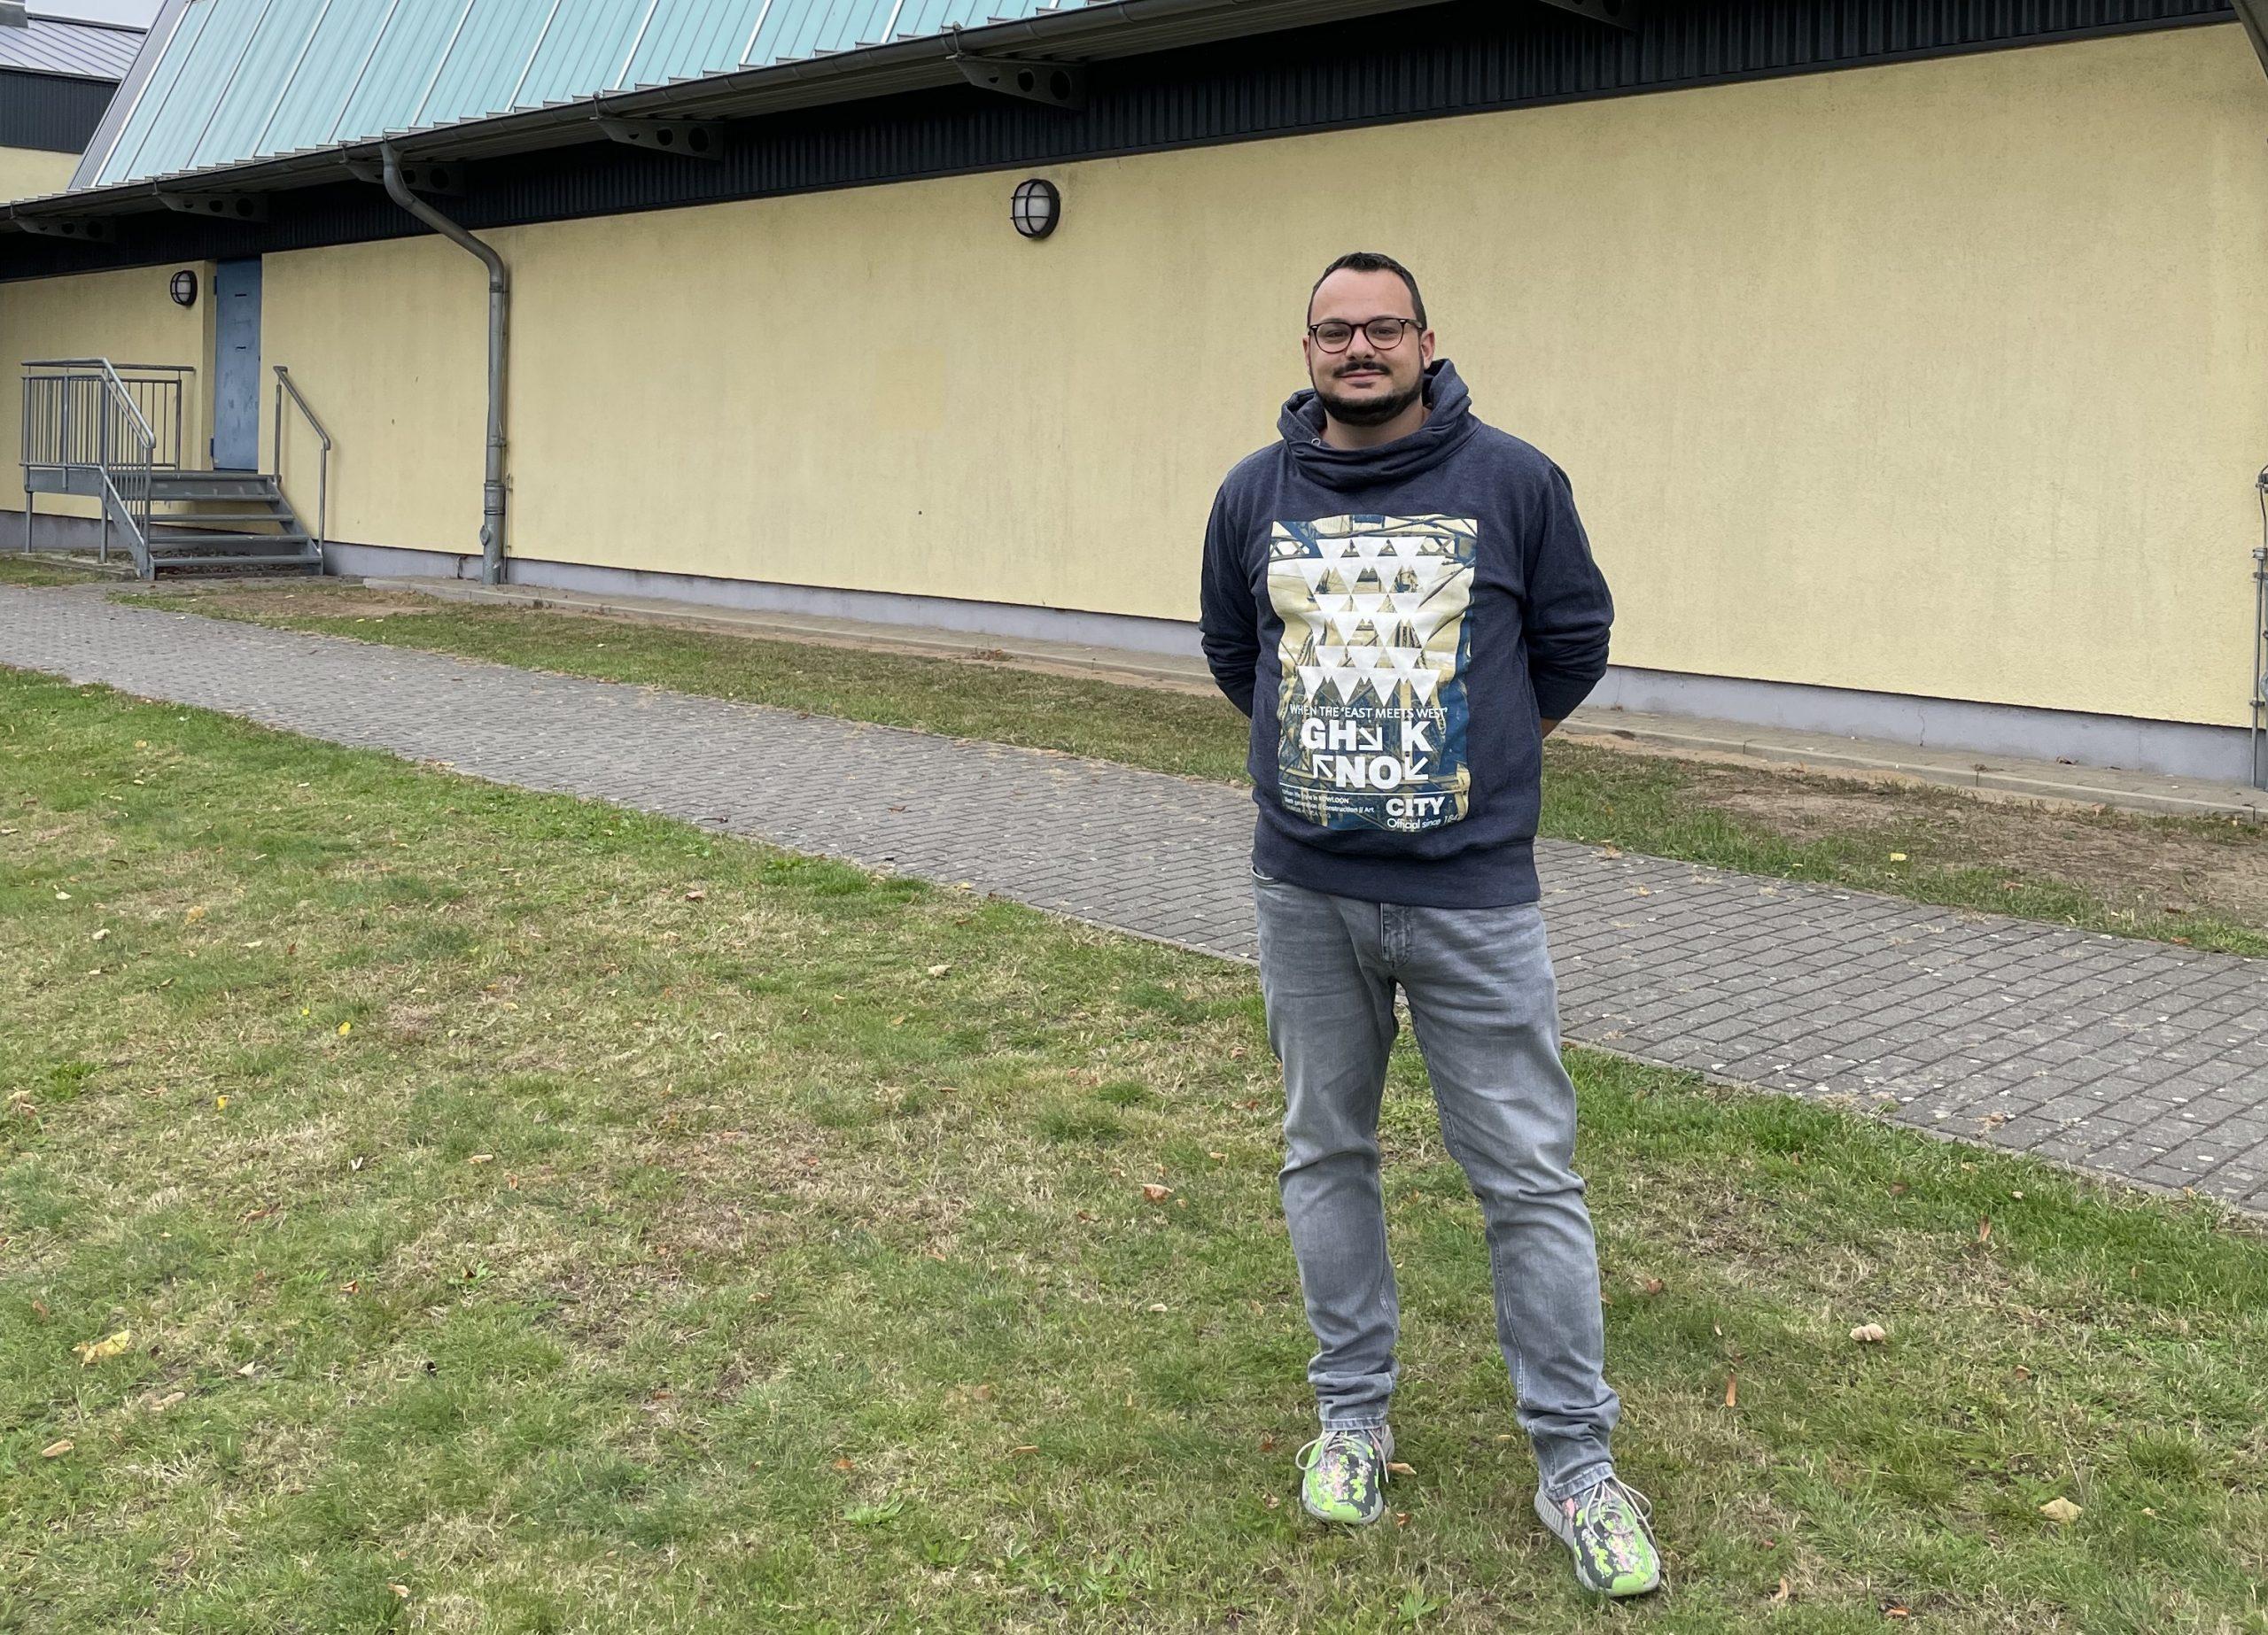 Wir impfen Brandenburg Roy Komarowski